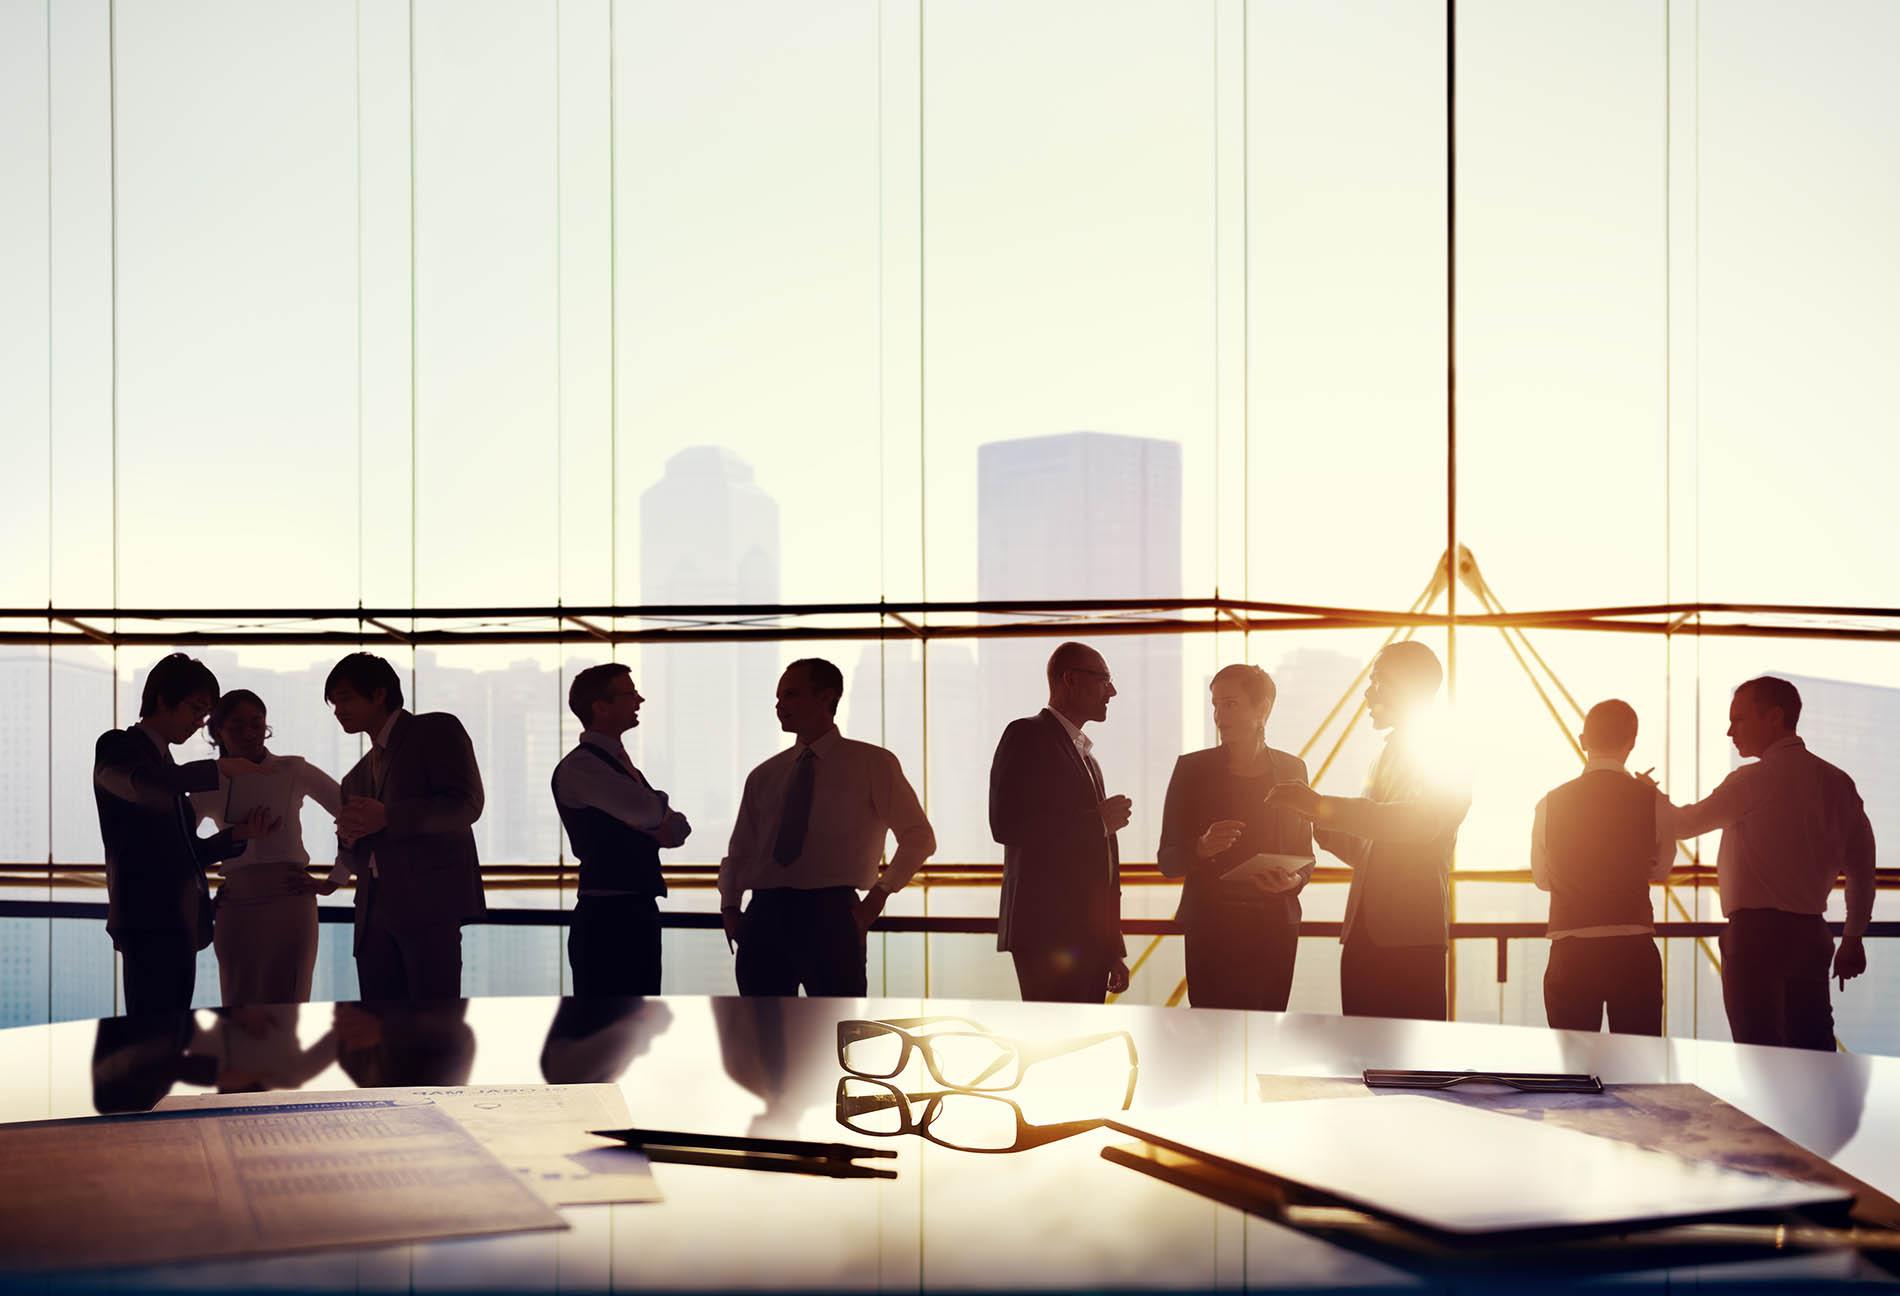 Formation_Swissnova_Management_Ressources_Humaines_Vente_Marketing_Communication_Bureautique_Genève_Vaud_Neuchatel_Valais